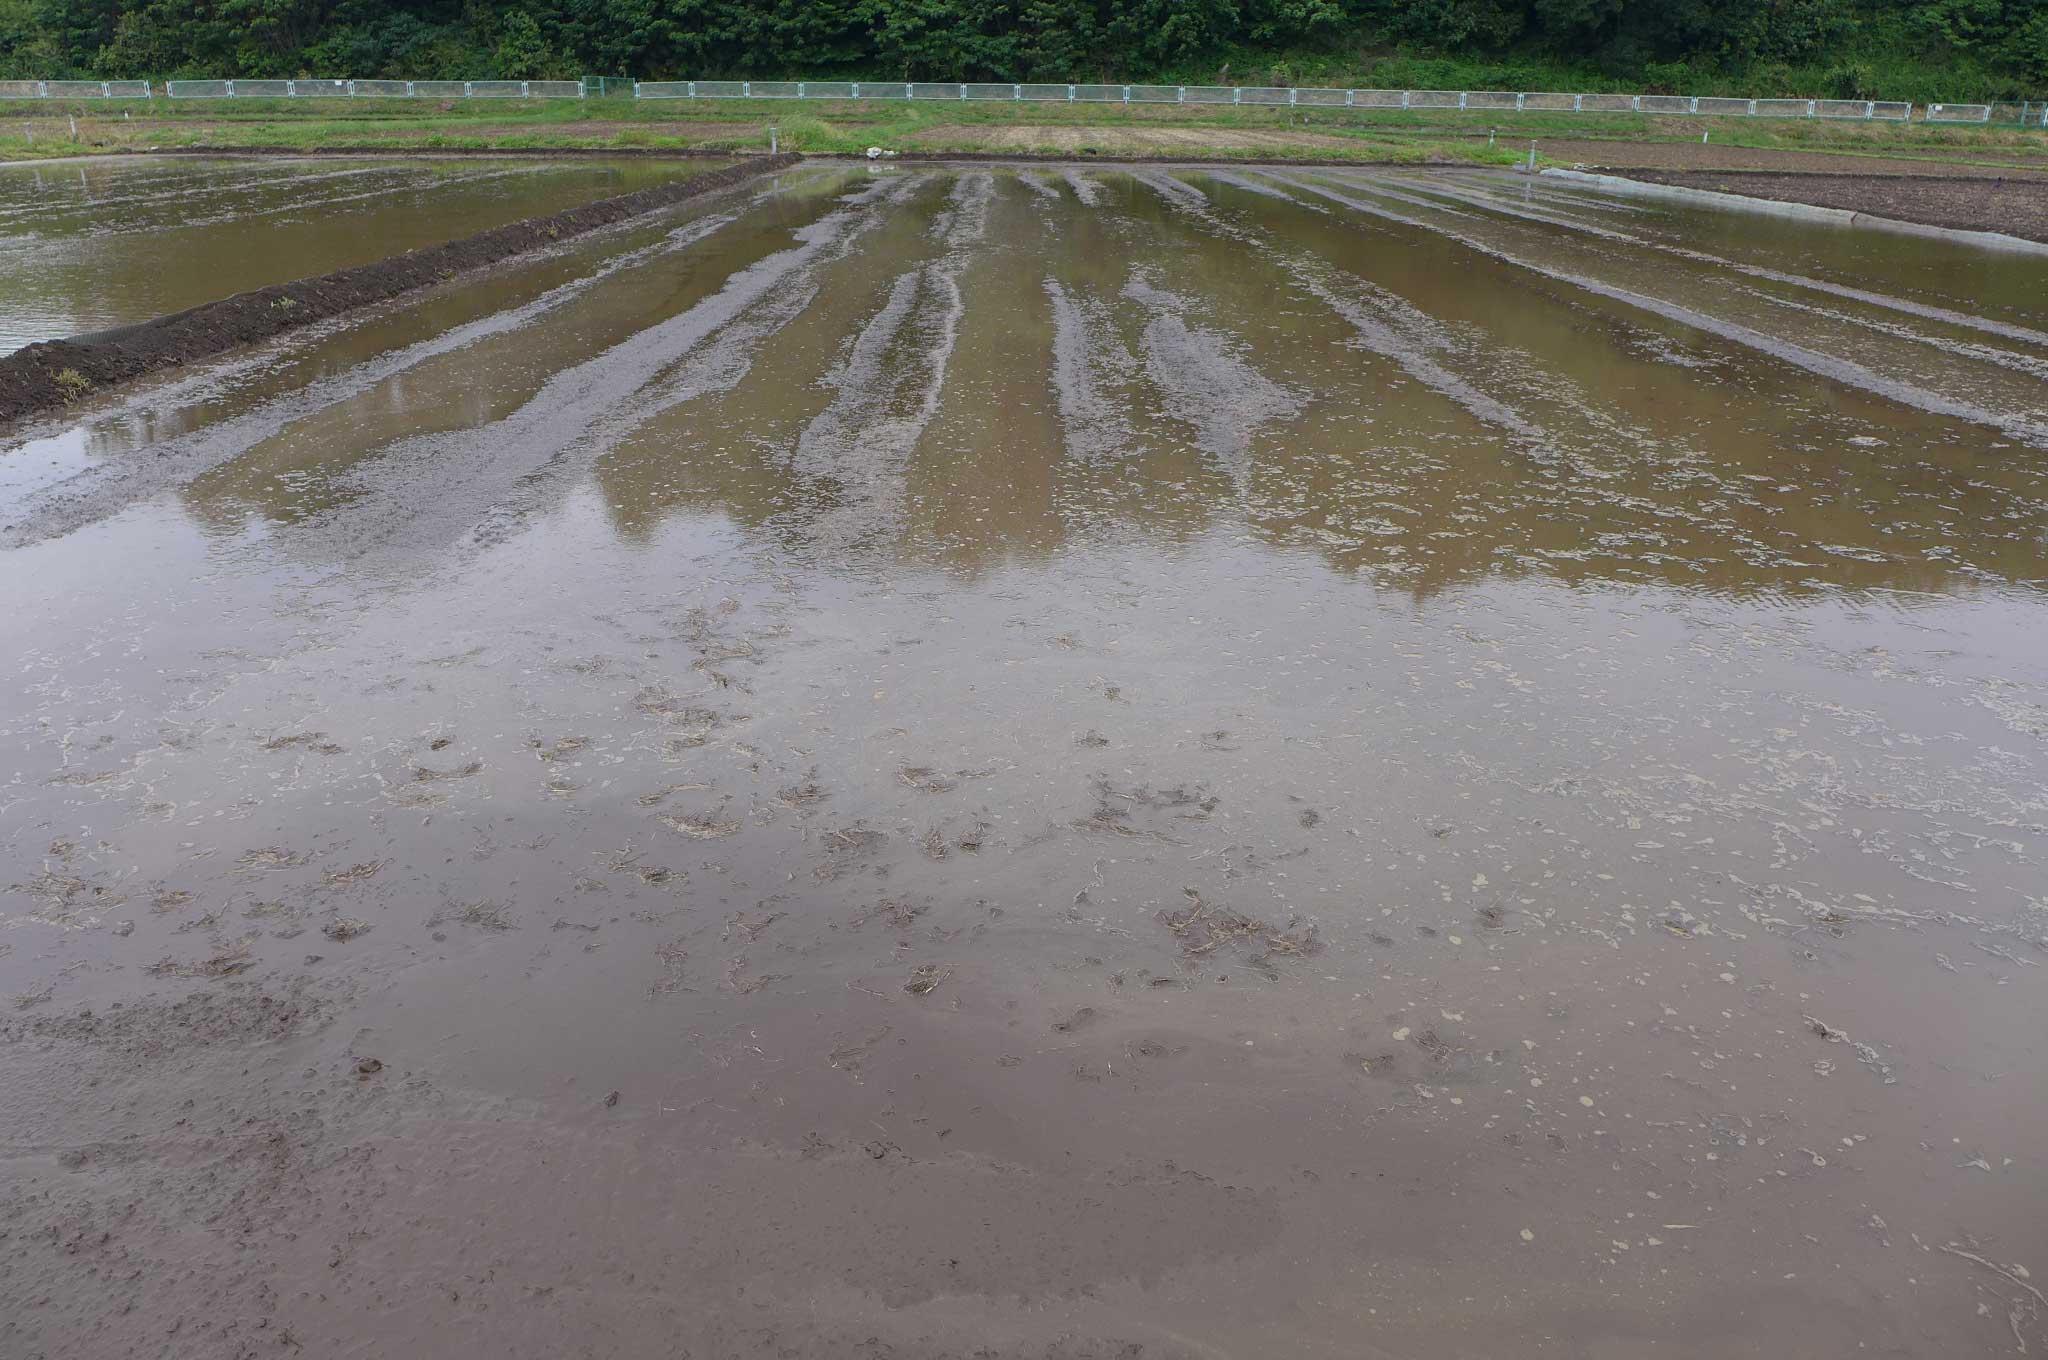 田んぼの代掻き 農業が近くにある生活